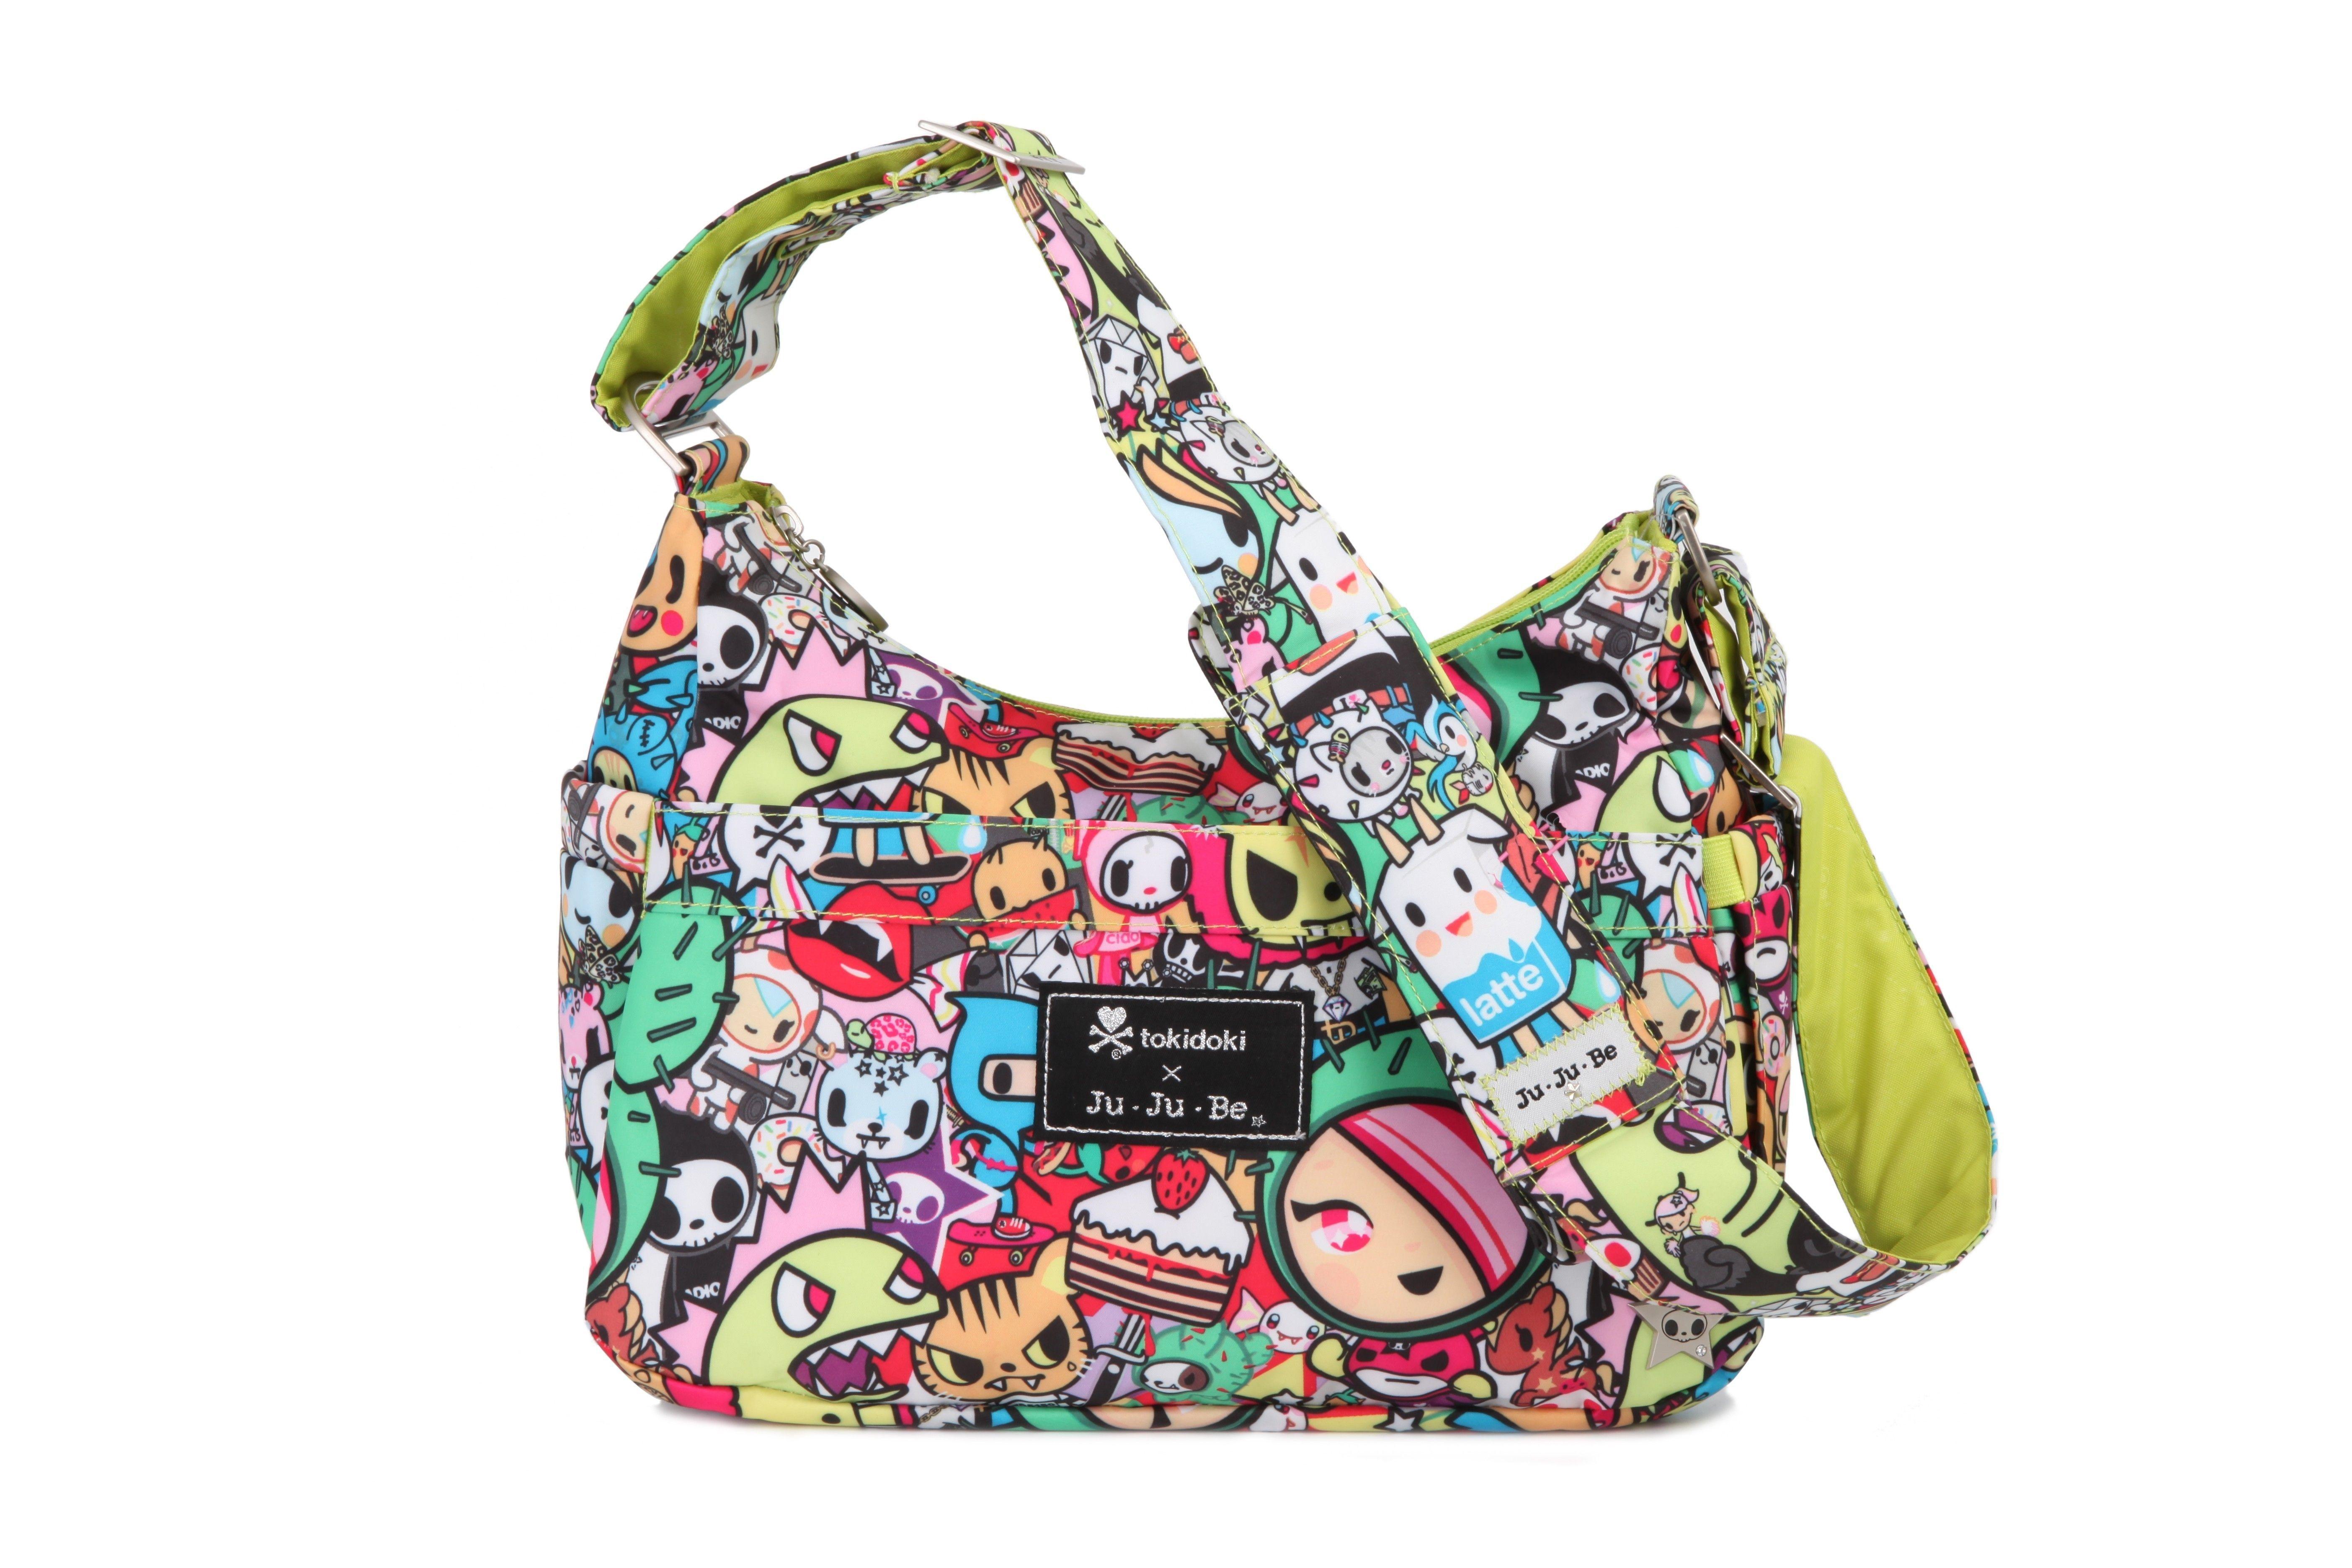 tokidoki toys | Diaper bag purse, Diaper bag, Jujube diaper bags